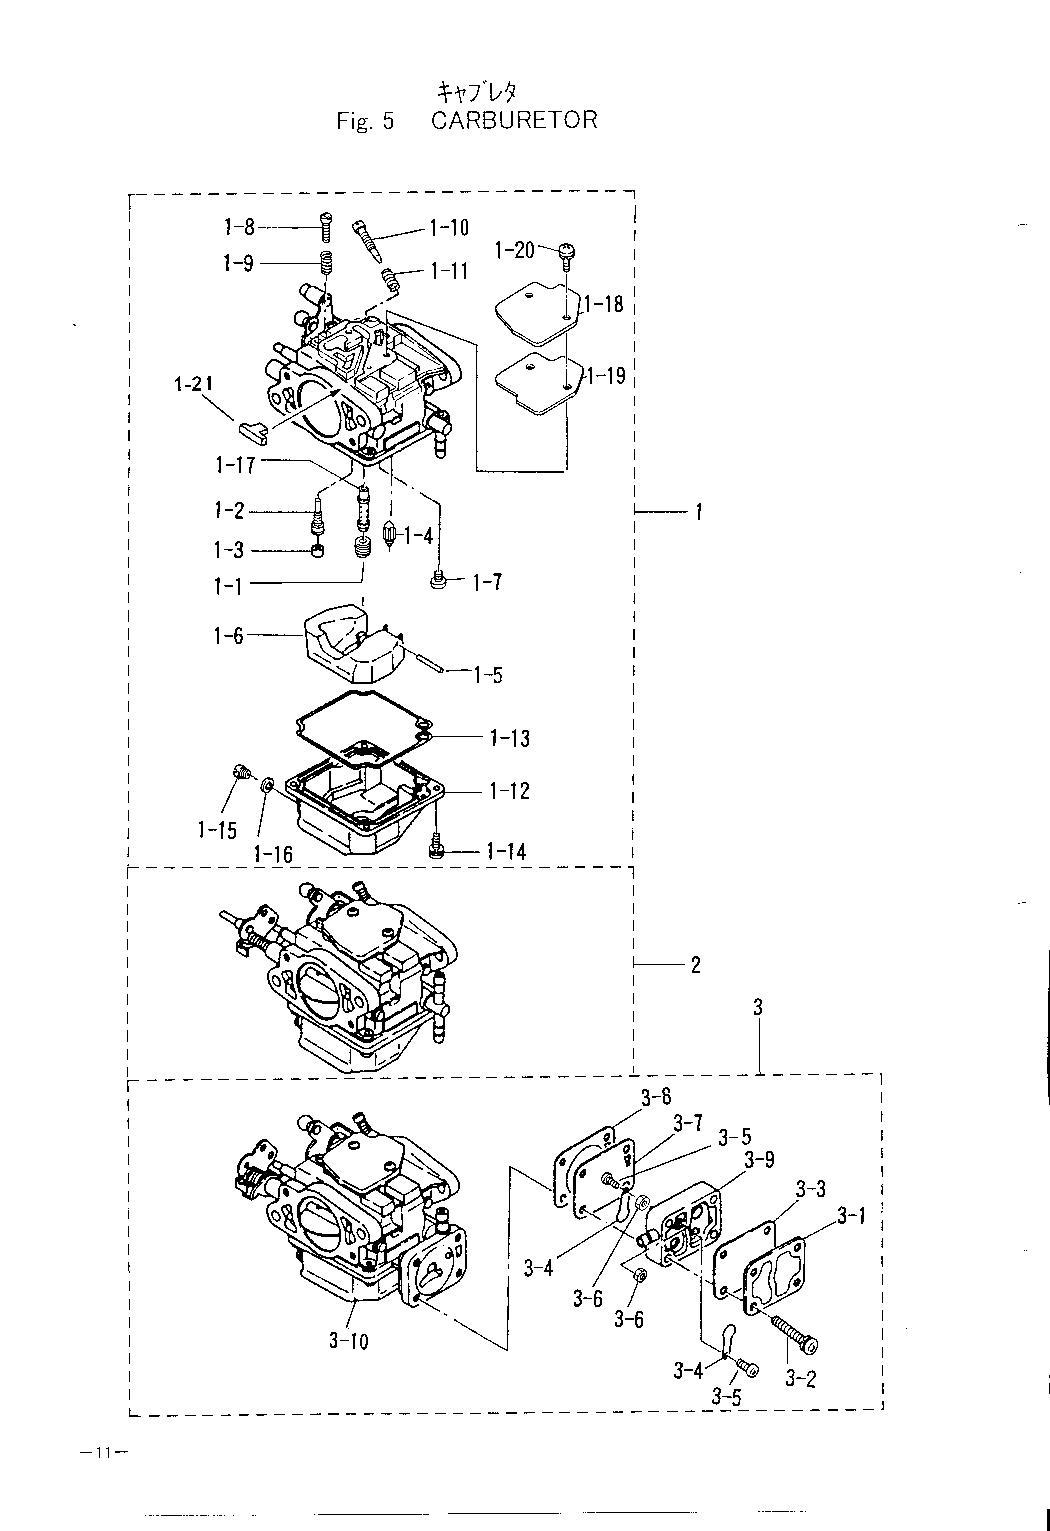 промыть карбюратор на лодочном моторе